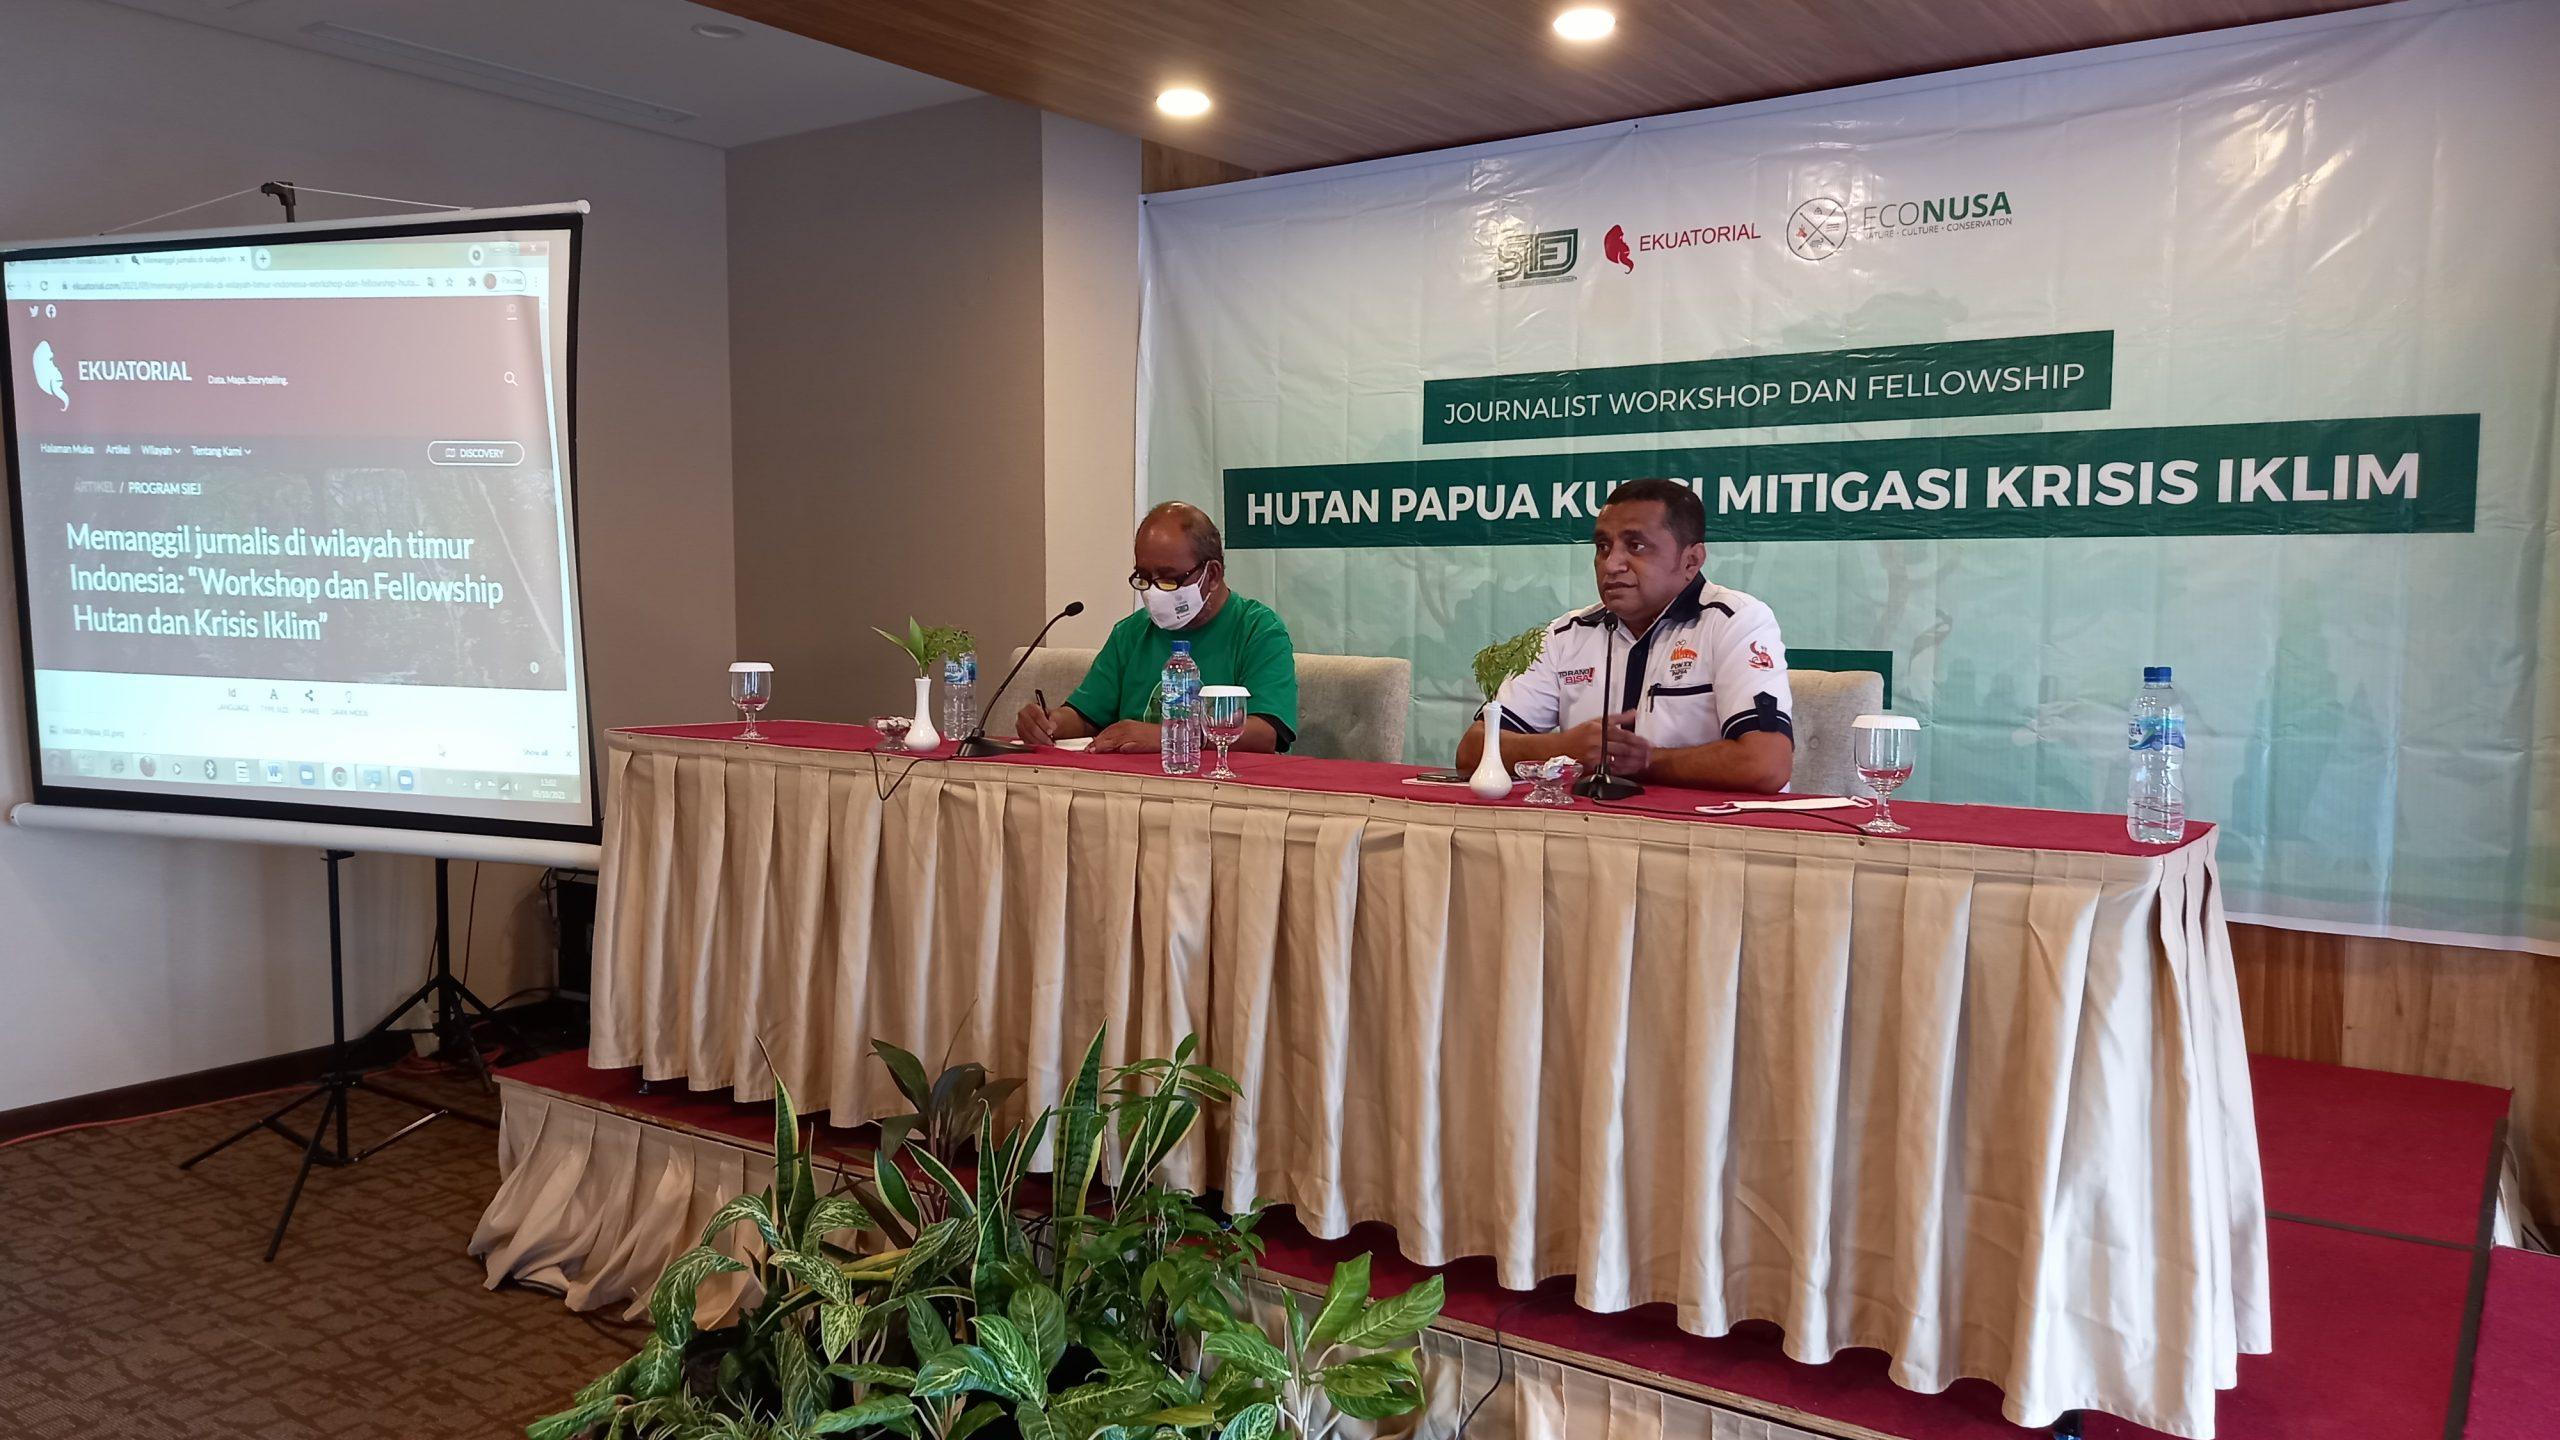 Hutan Papua Kunci Mitigasi Krisis Iklim, Butuh Dukungan Semua Pihak untuk Menjaganya